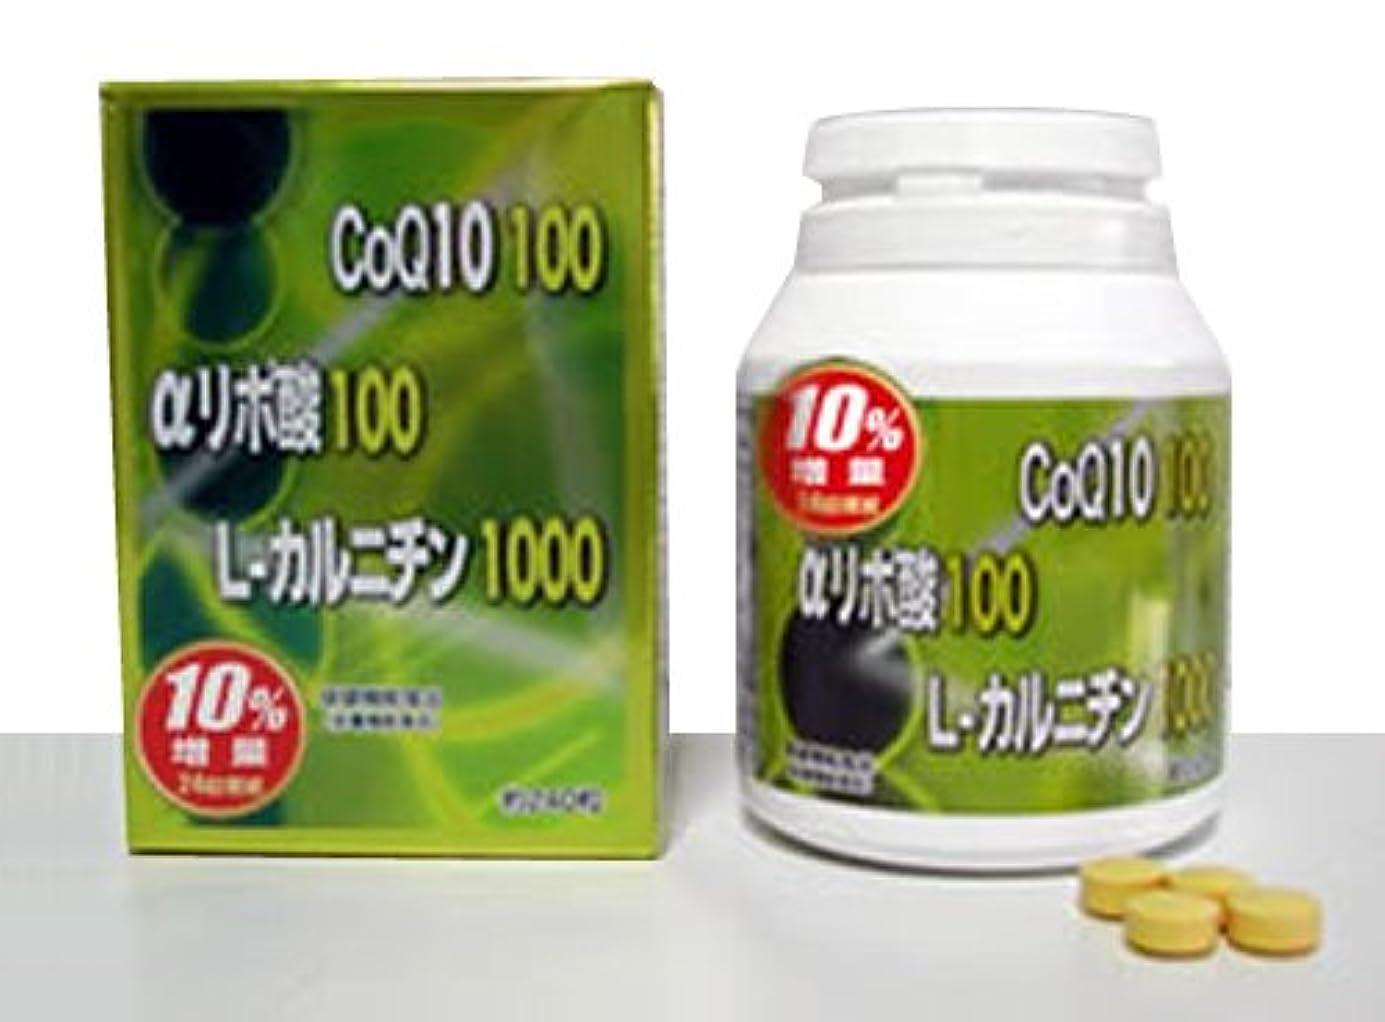 デッドパトロン冷ややかな10%増量 CoQ10 100?αリポ酸 100?L-カルニチン 1000